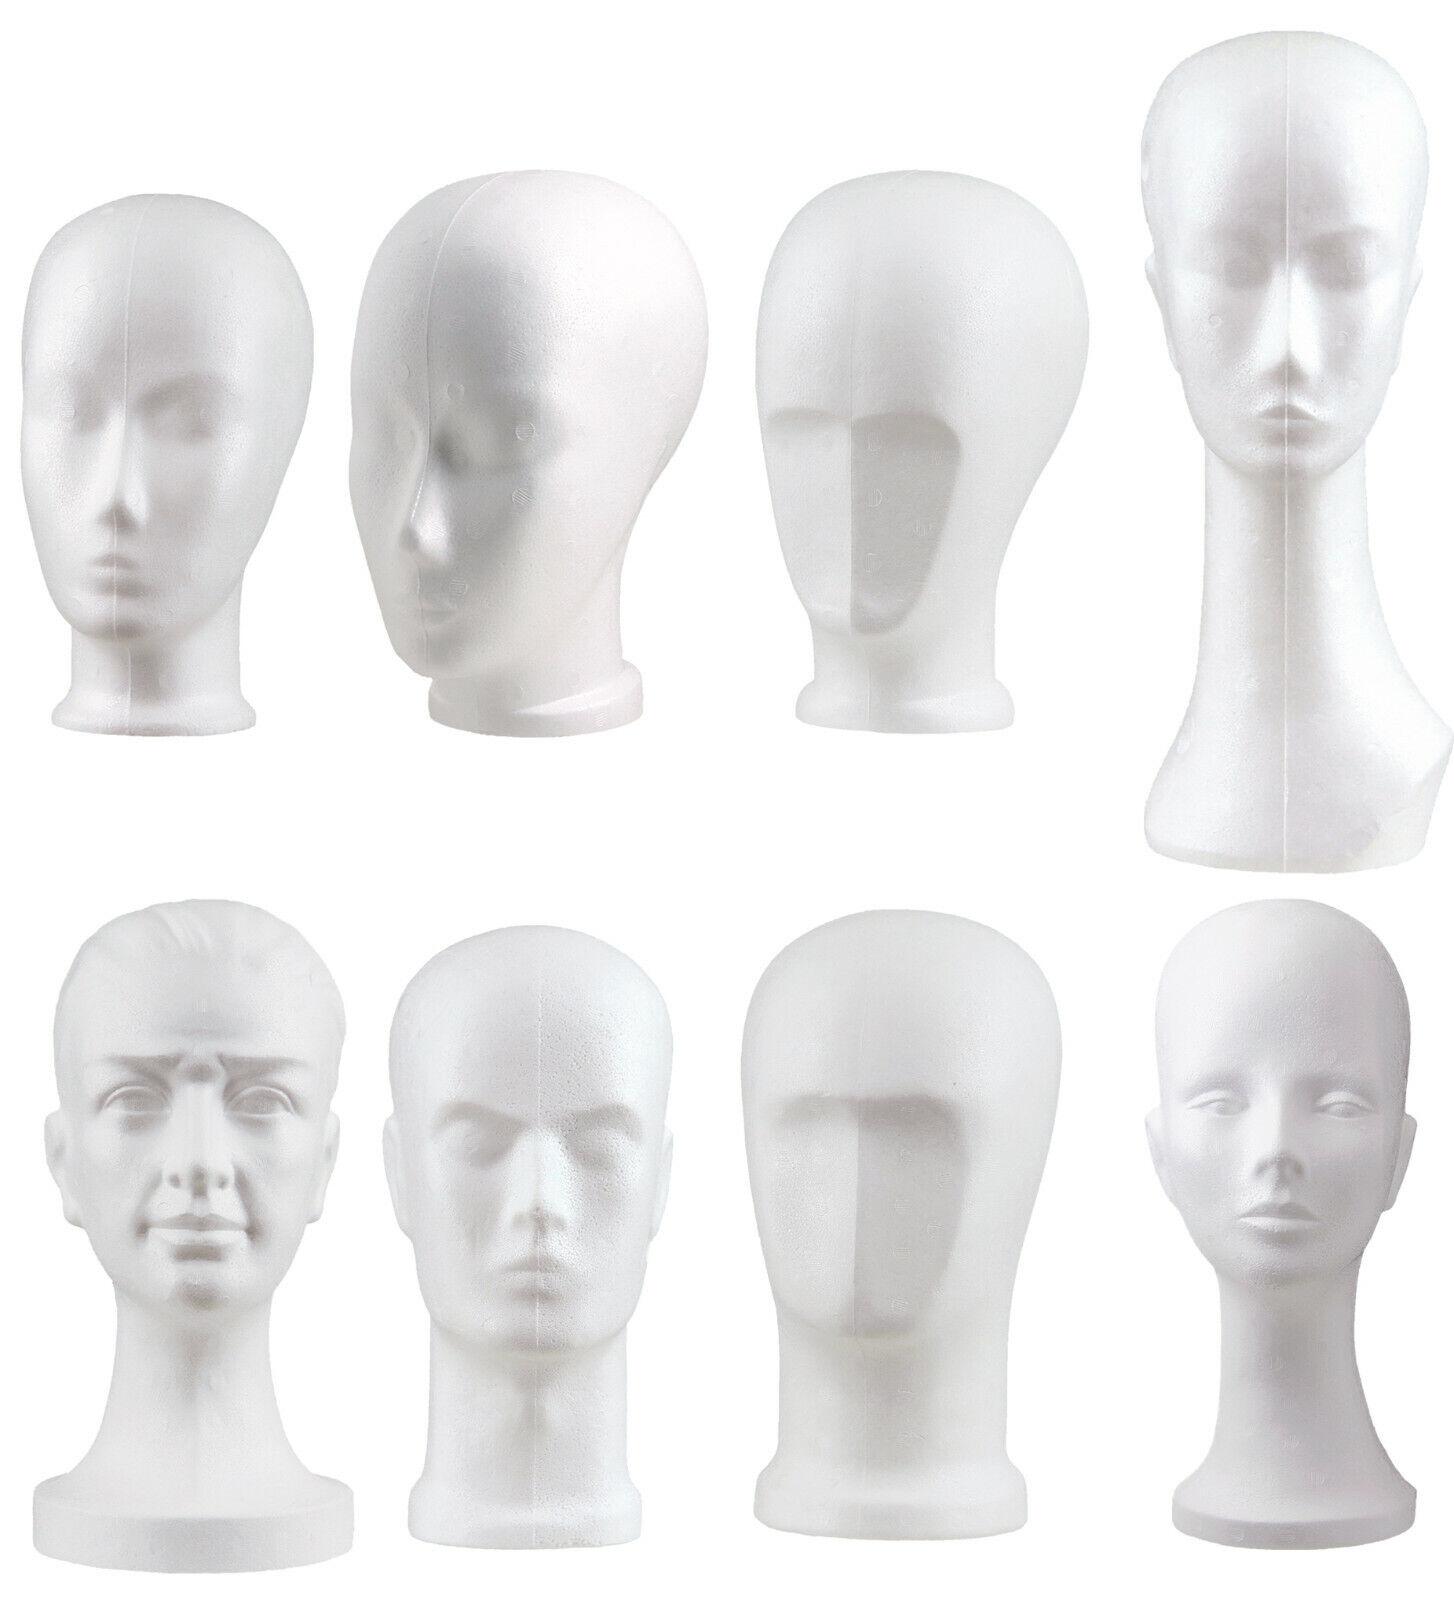 Styroporkopf Damen Perückenkopf Frau weiß Weiblicher Schaufester Kopf Styropor